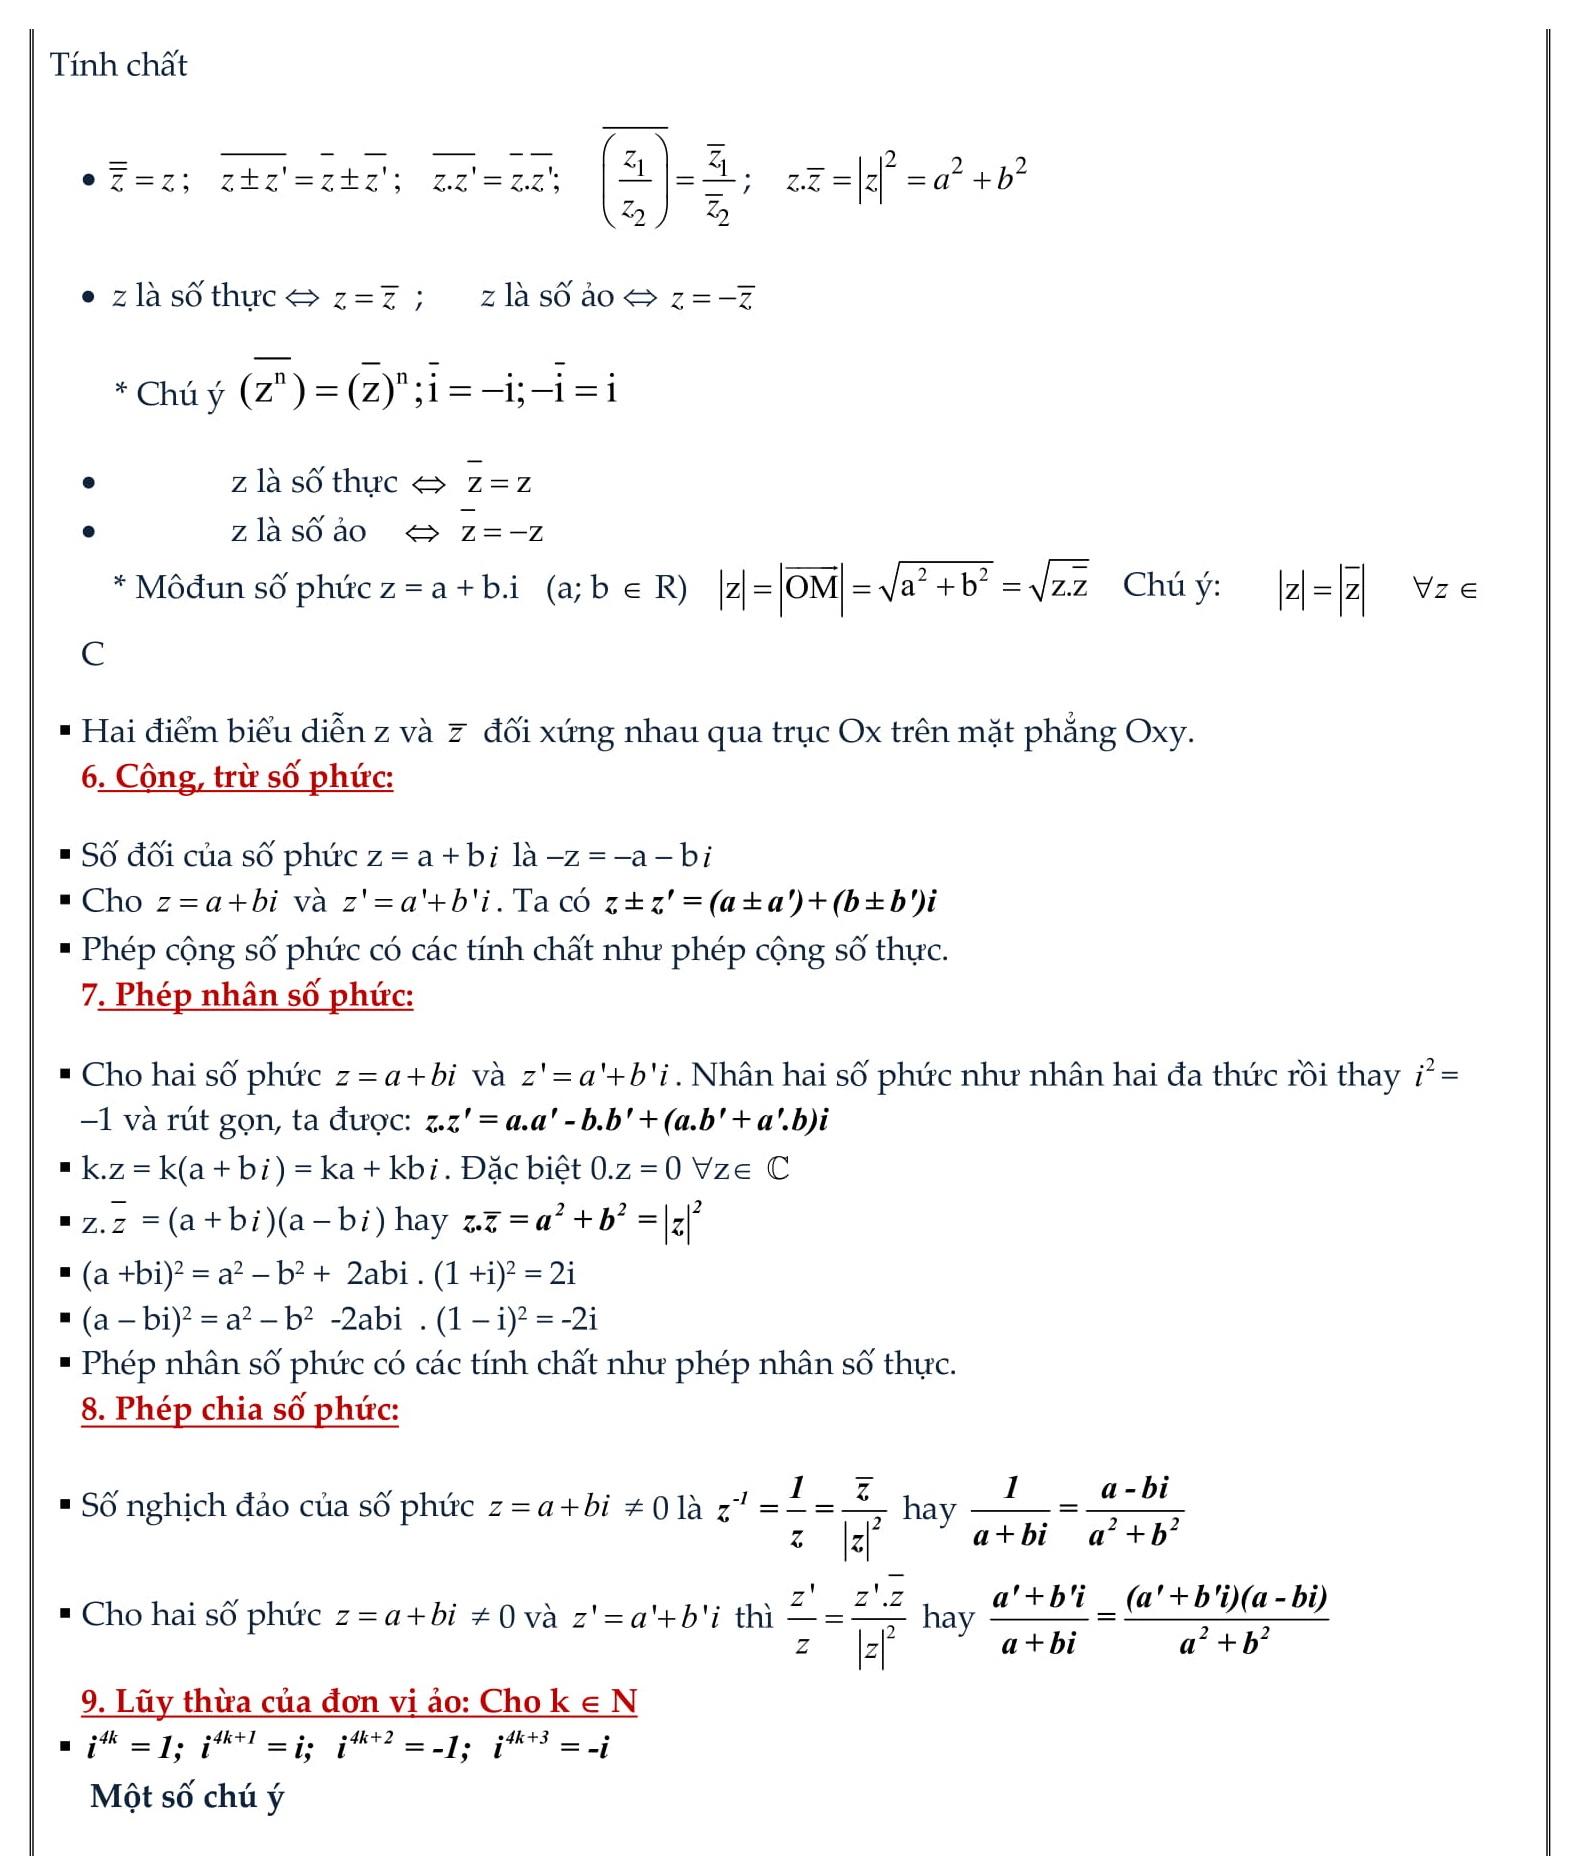 Chuyên đề Số phức (bài tập + giải) - Toán 12